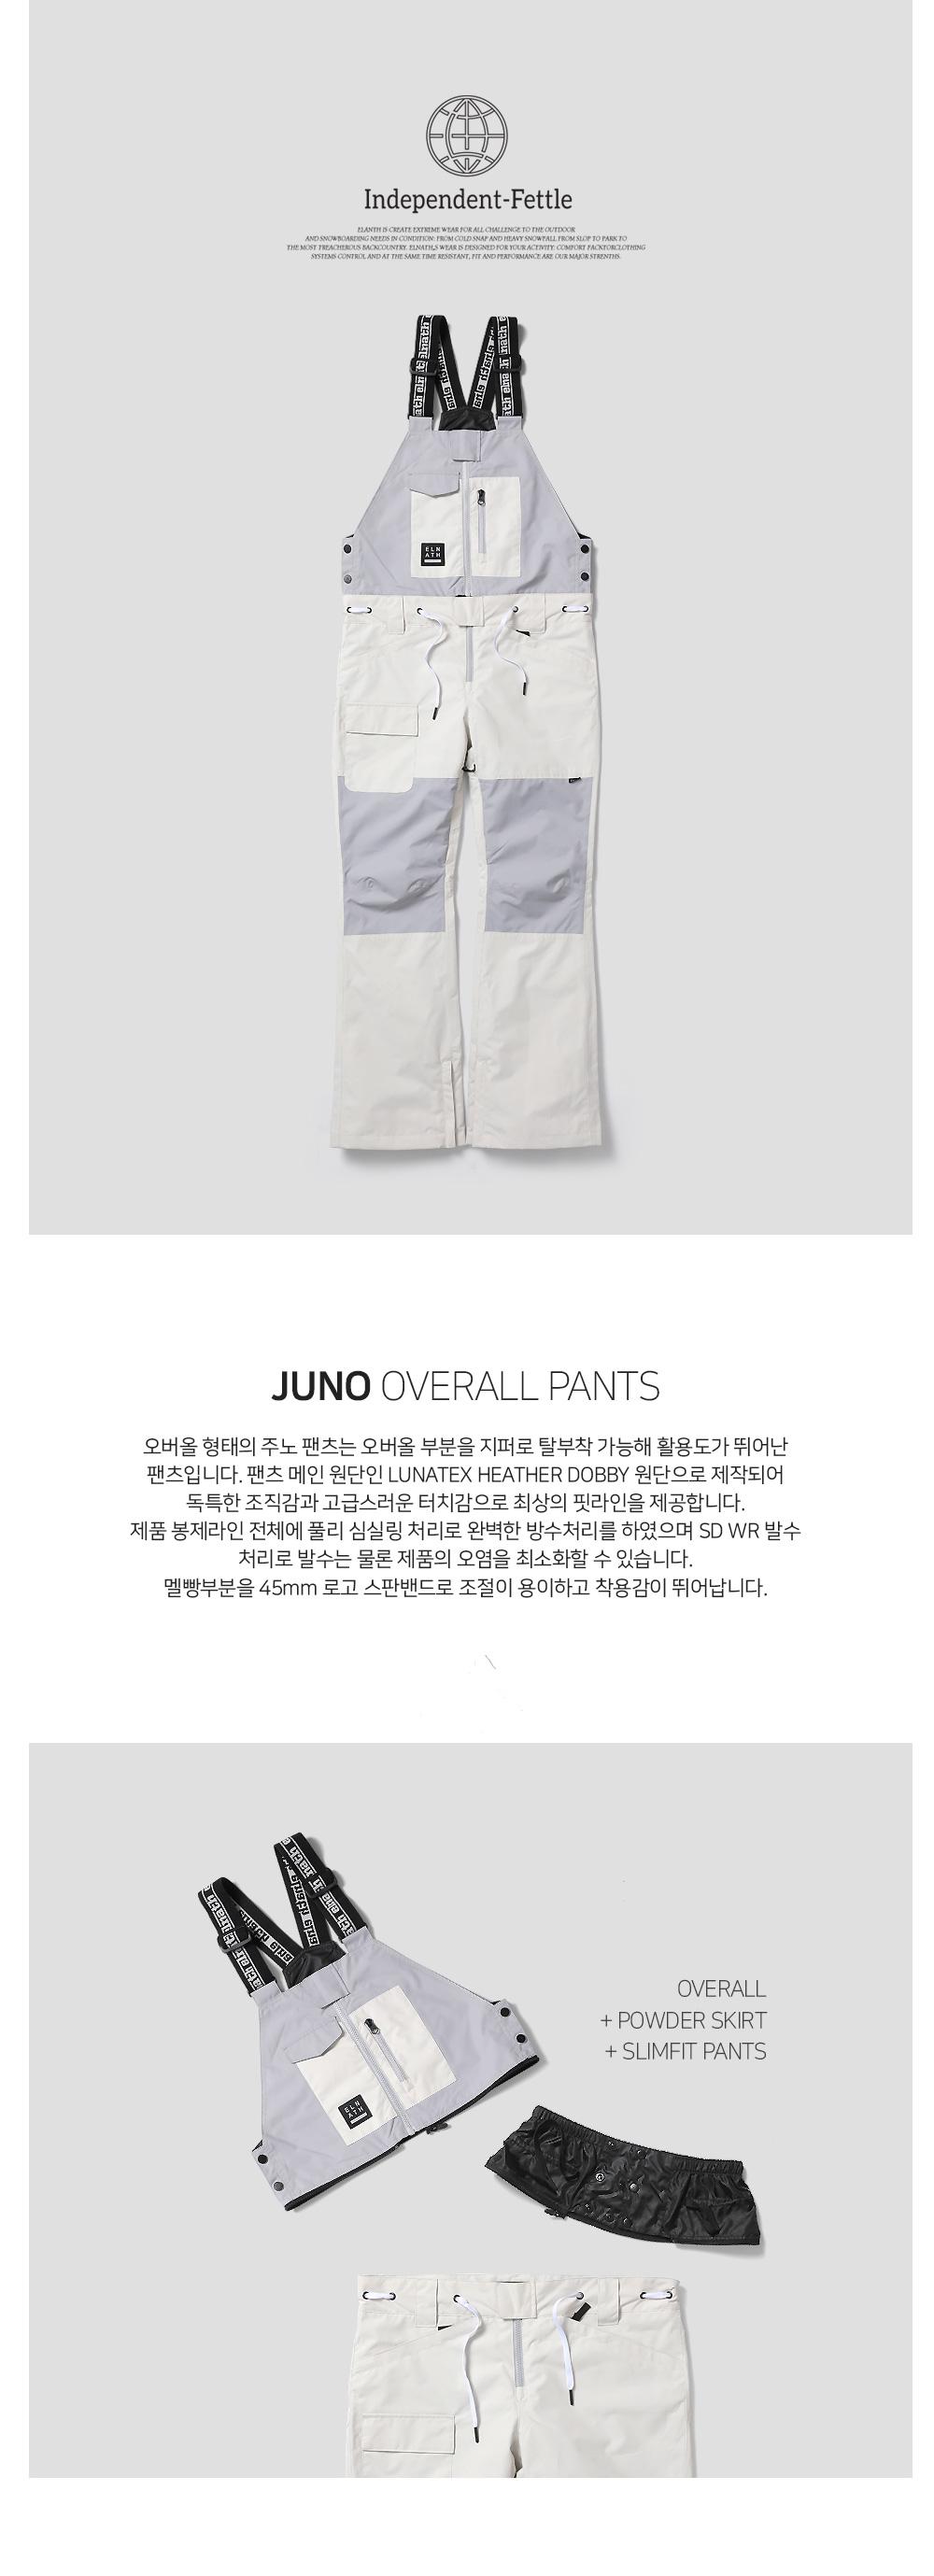 pant_juno_lunar_d1.jpg